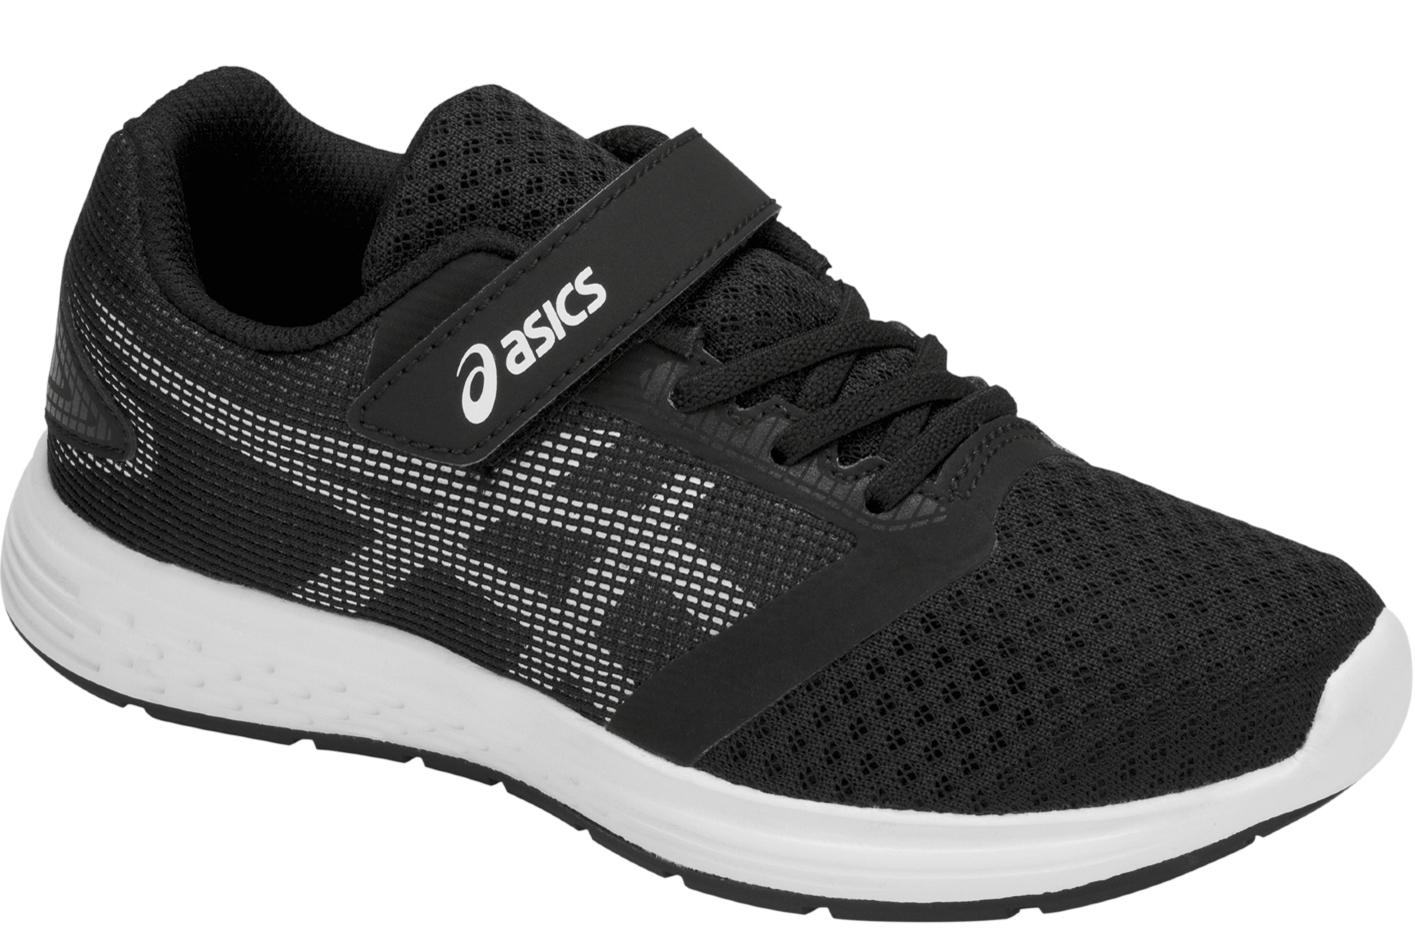 e9d2d5e218c278 Asics Patriot 10 PS 1014A026-004 Garçon chaussures de running Noir ...